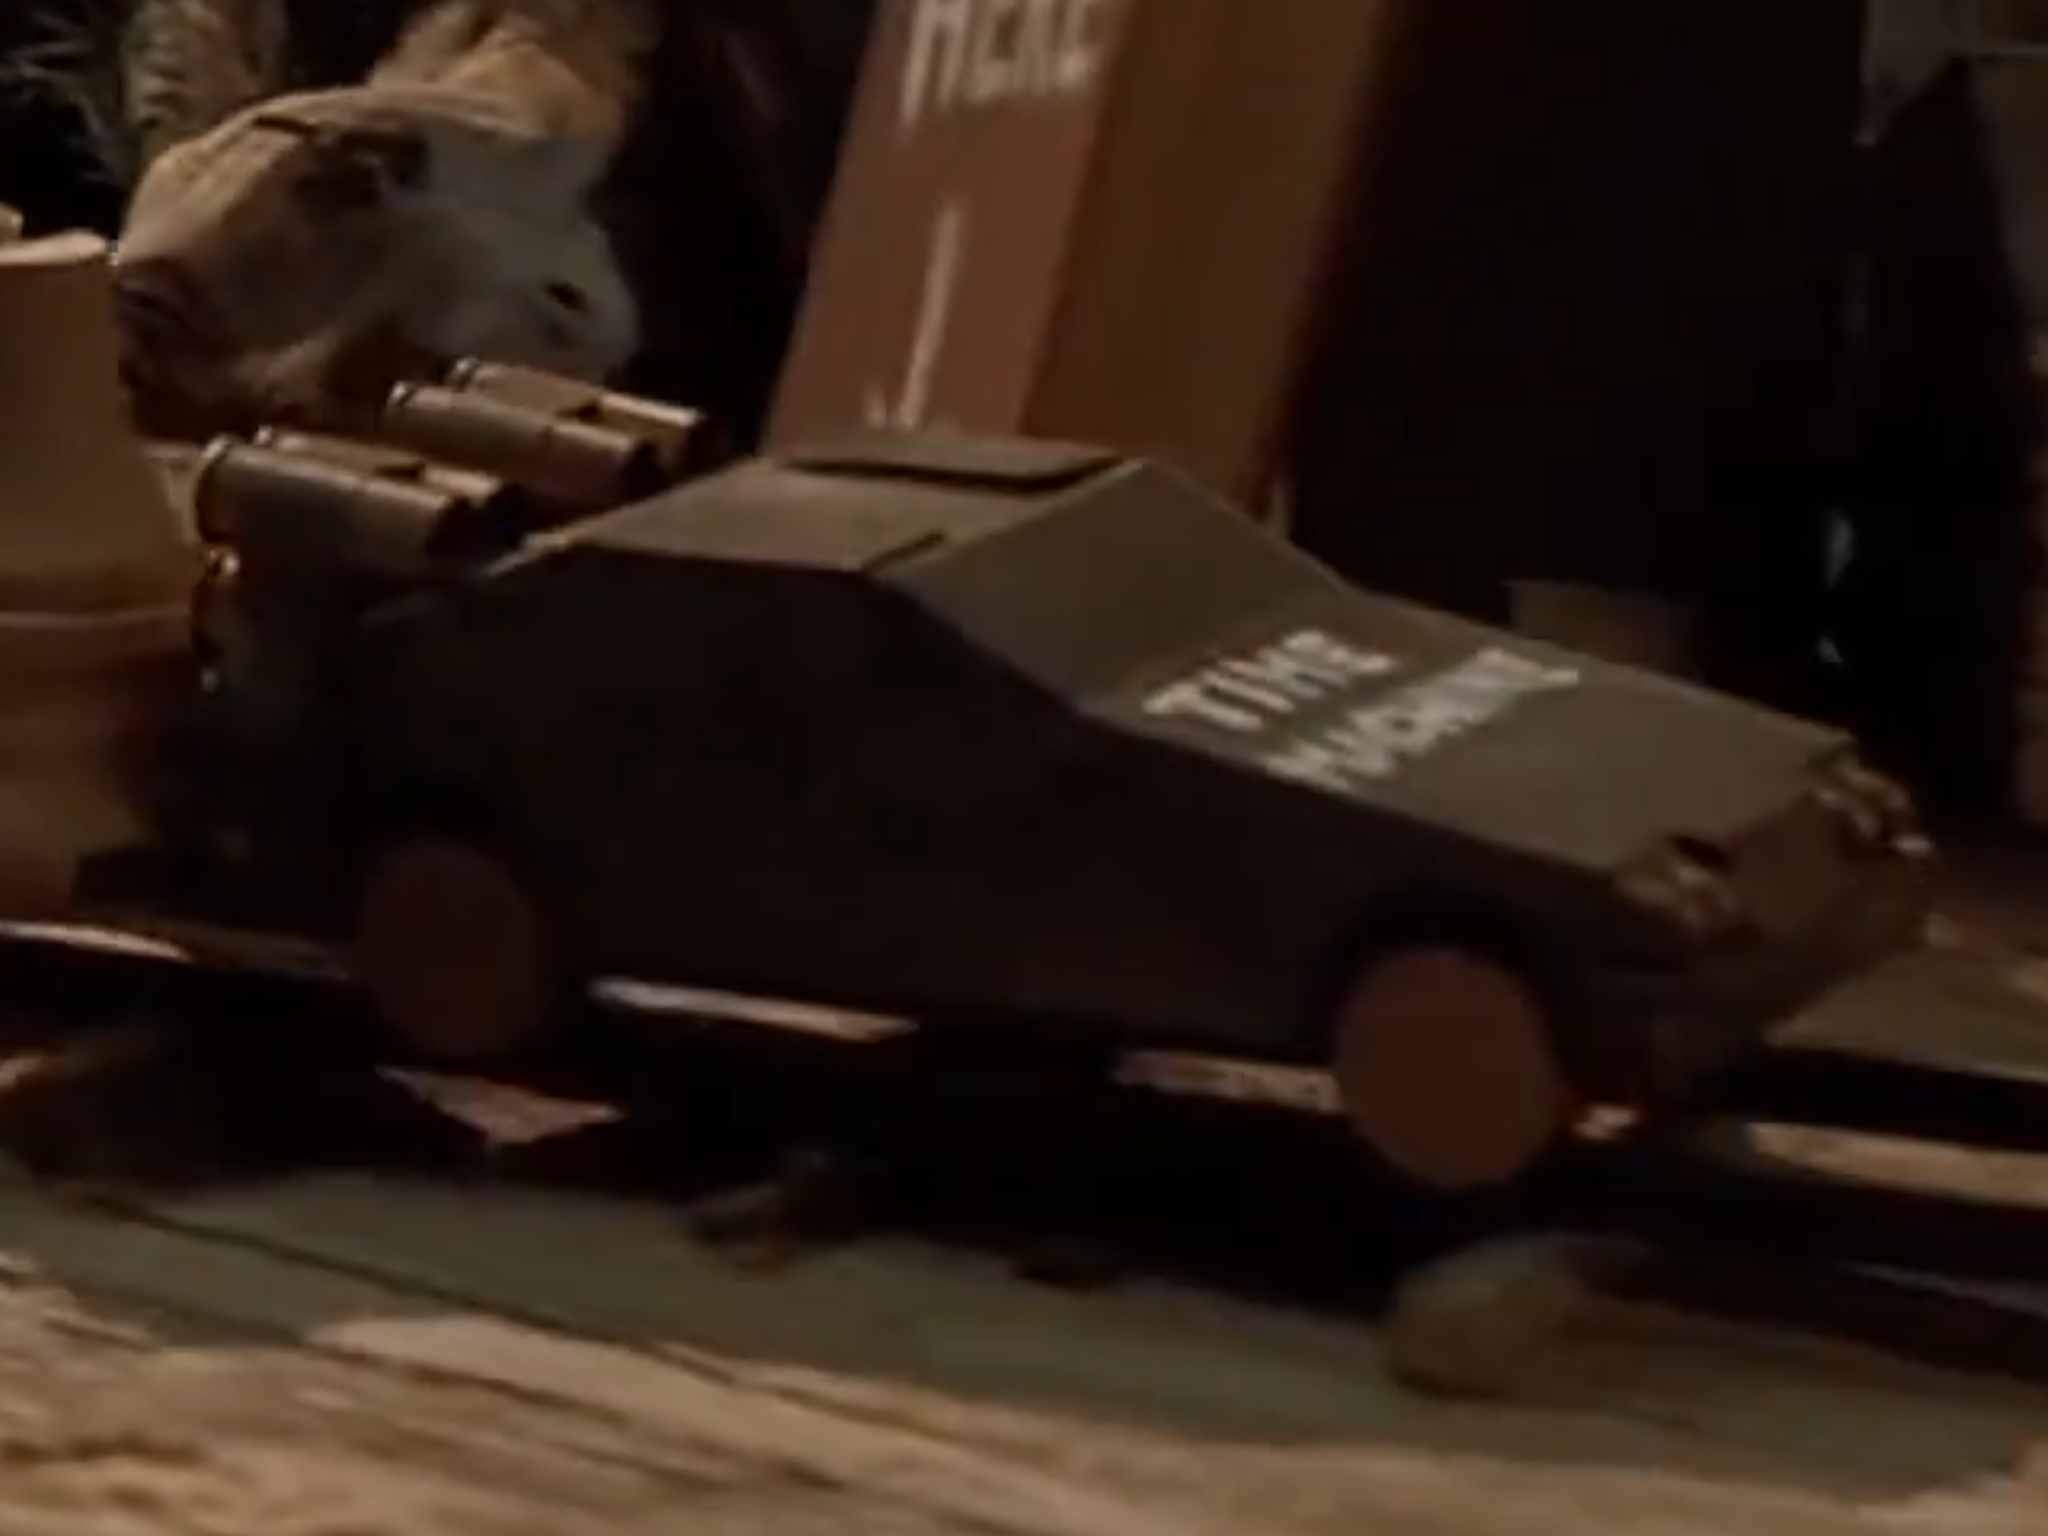 Miniature DeLorean model